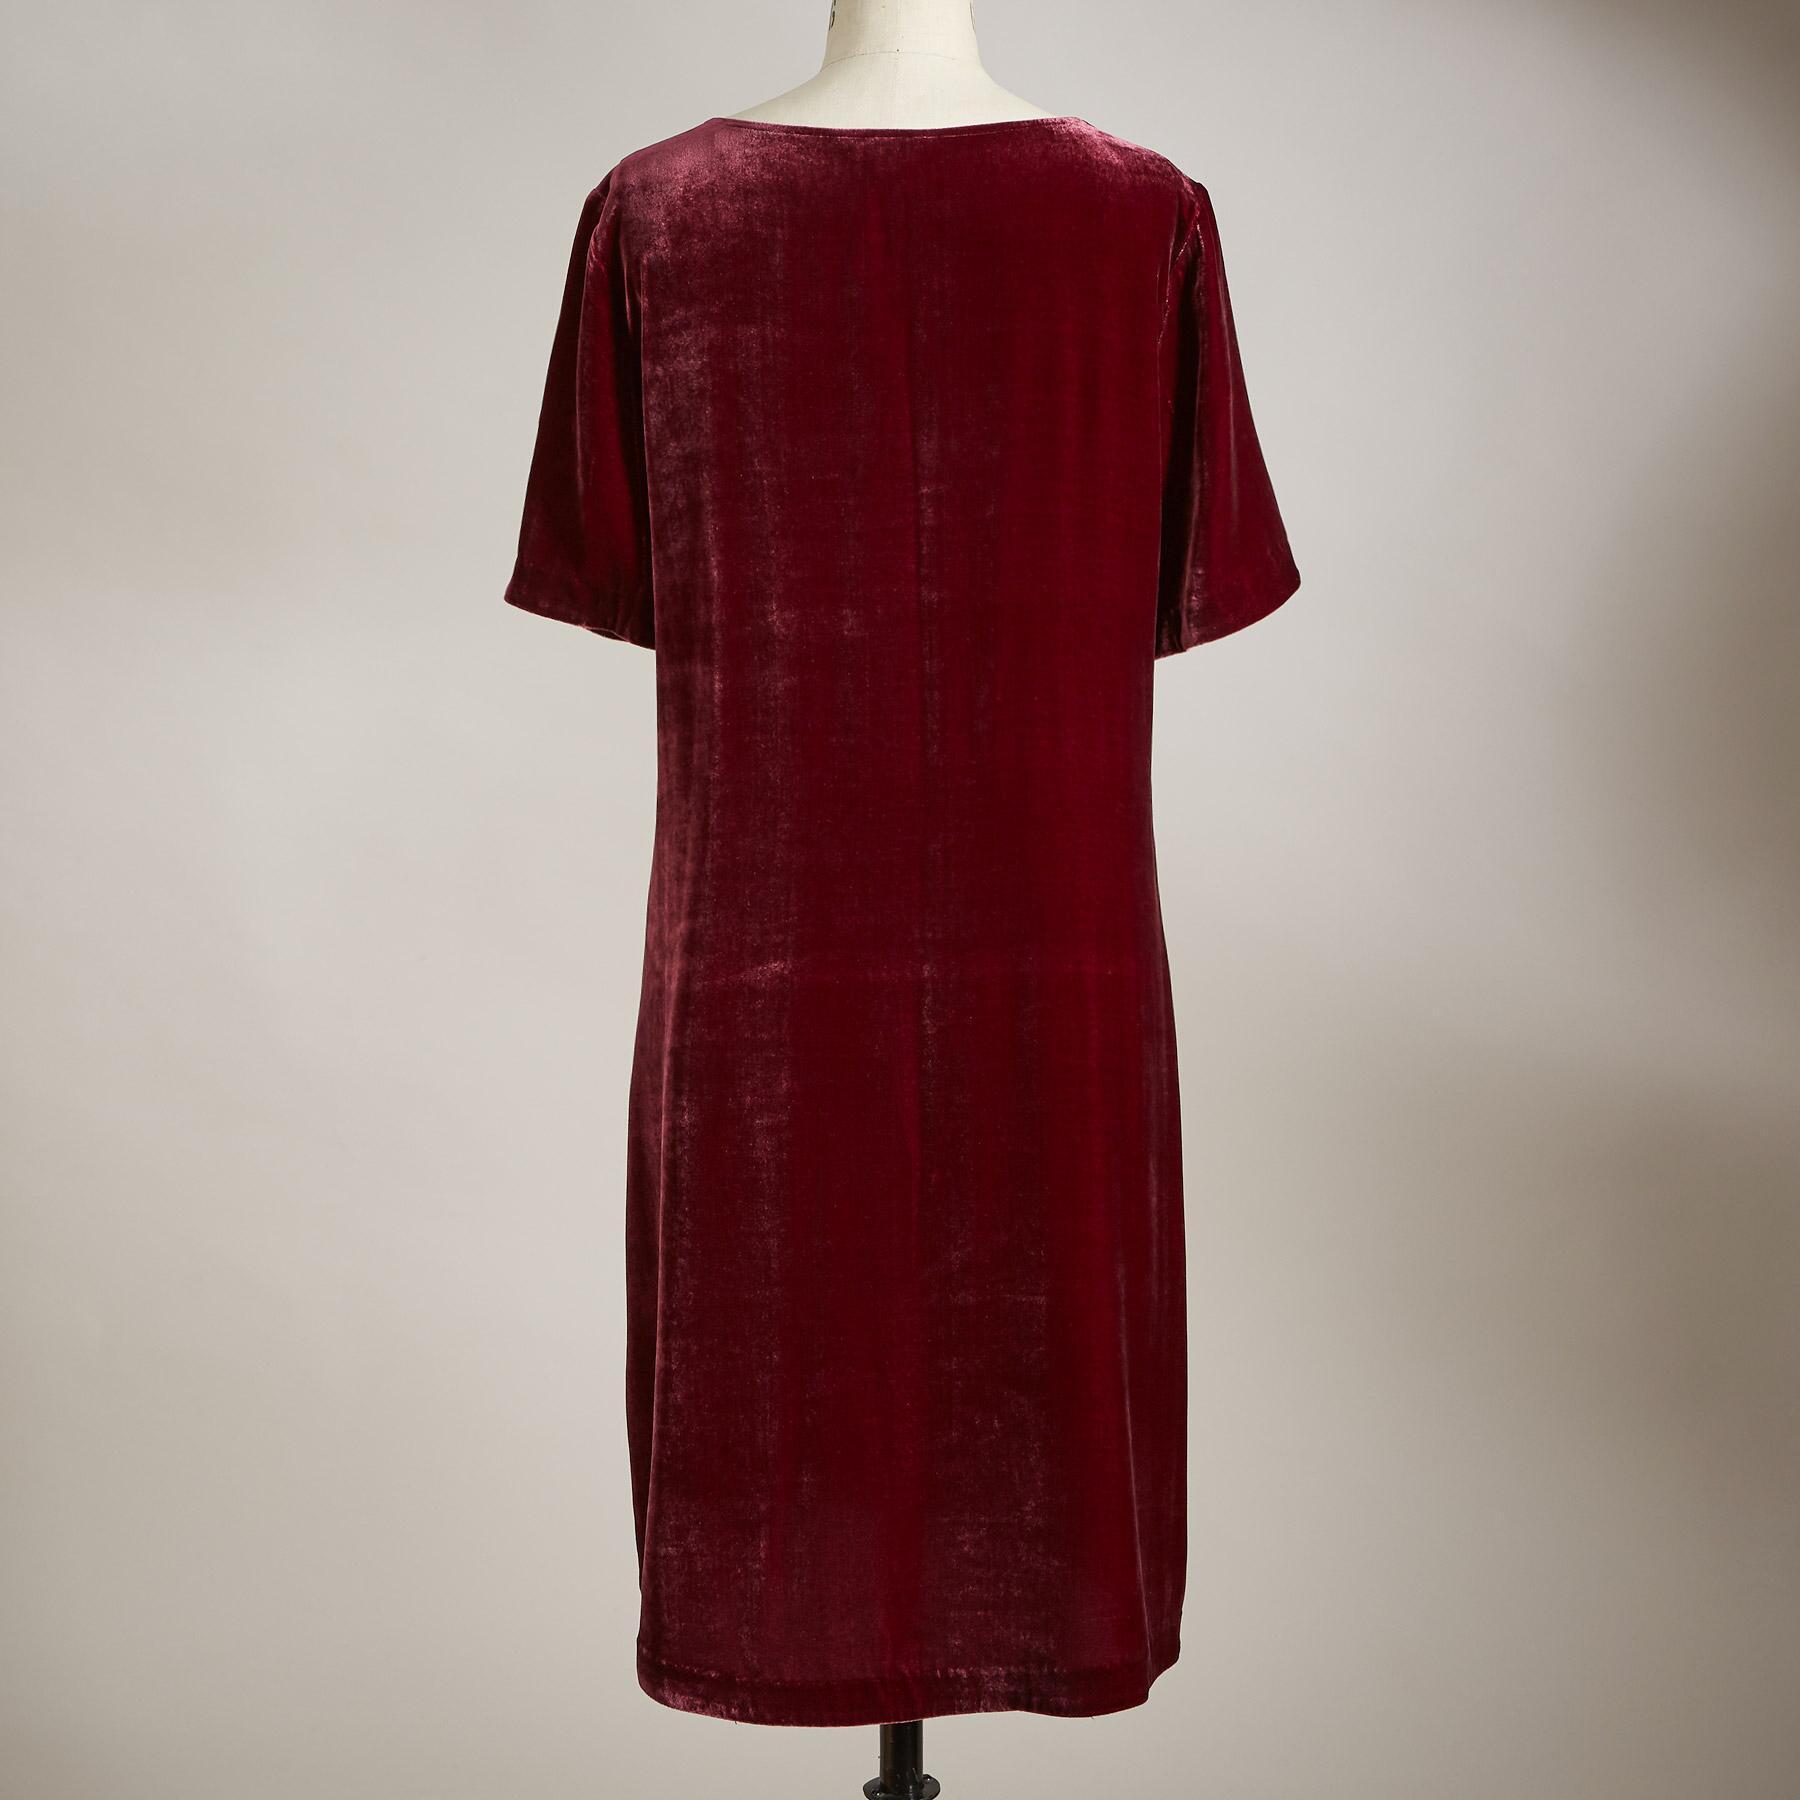 OLIVIA VELVET DRESS PETITE: View 2